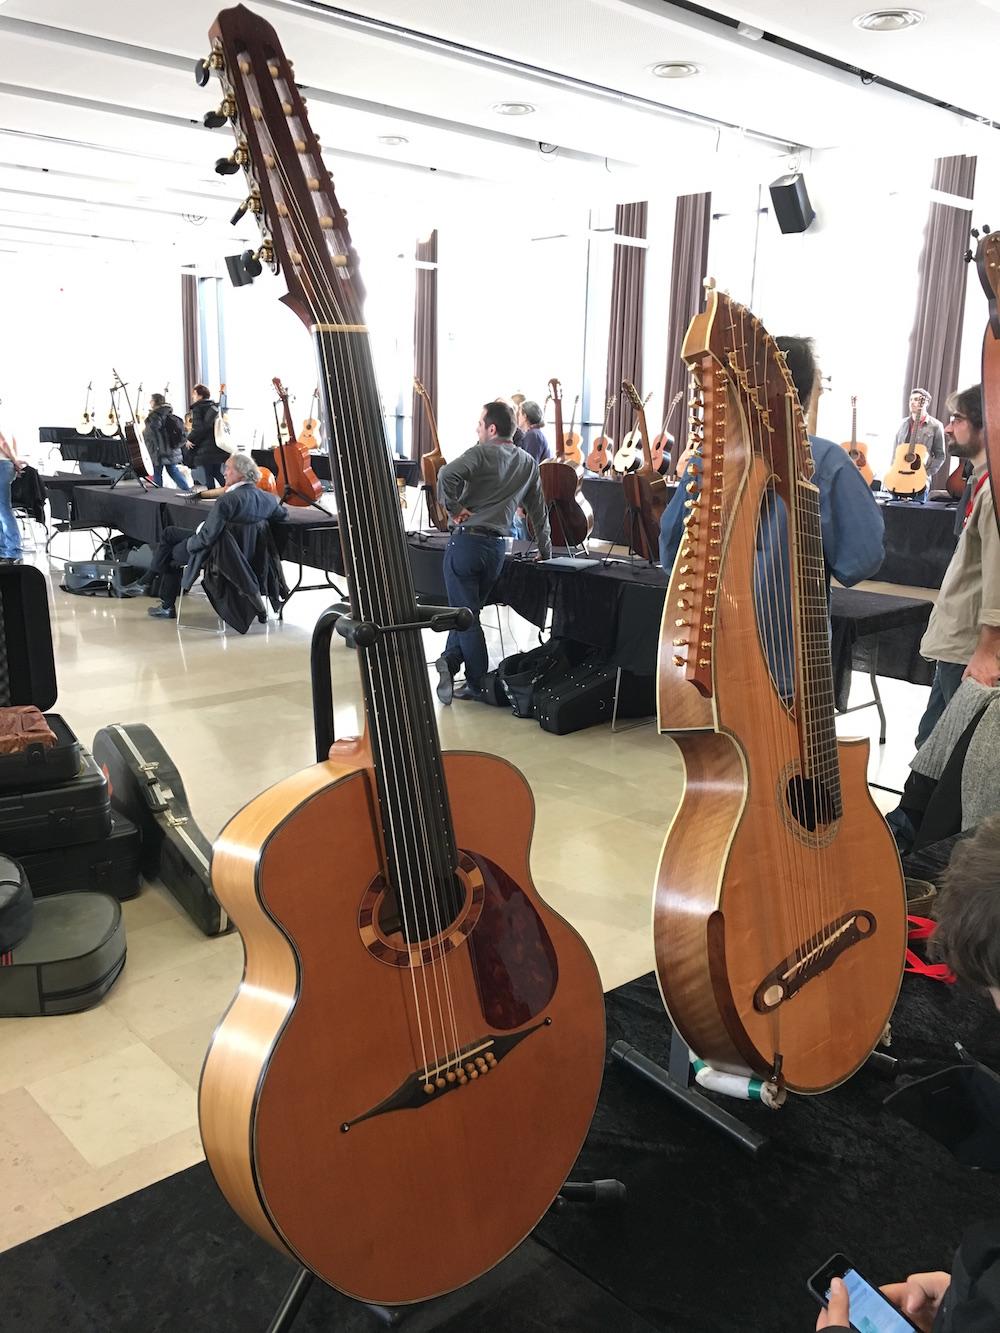 Guitares au Beffroi 2016 - Luthier Benoît Meulle-Stef